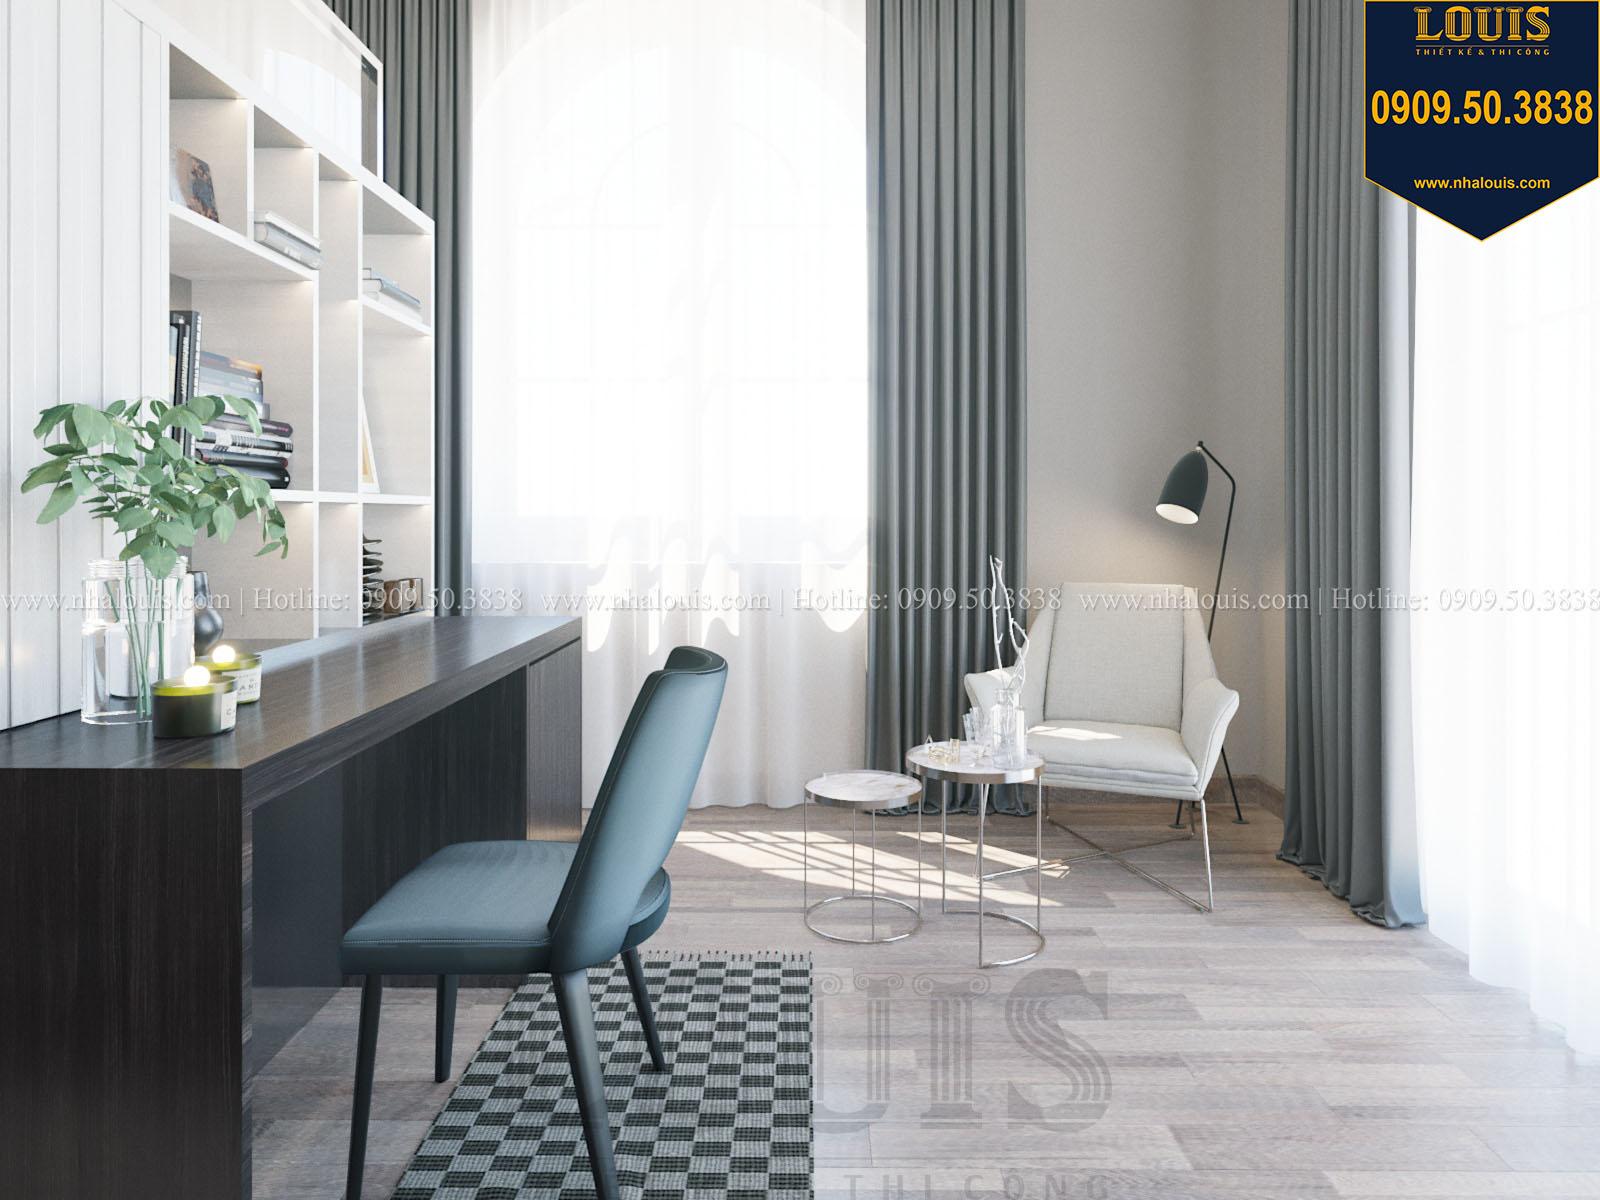 Phòng ngủ biệt thự 2 tầng đẹp - 040